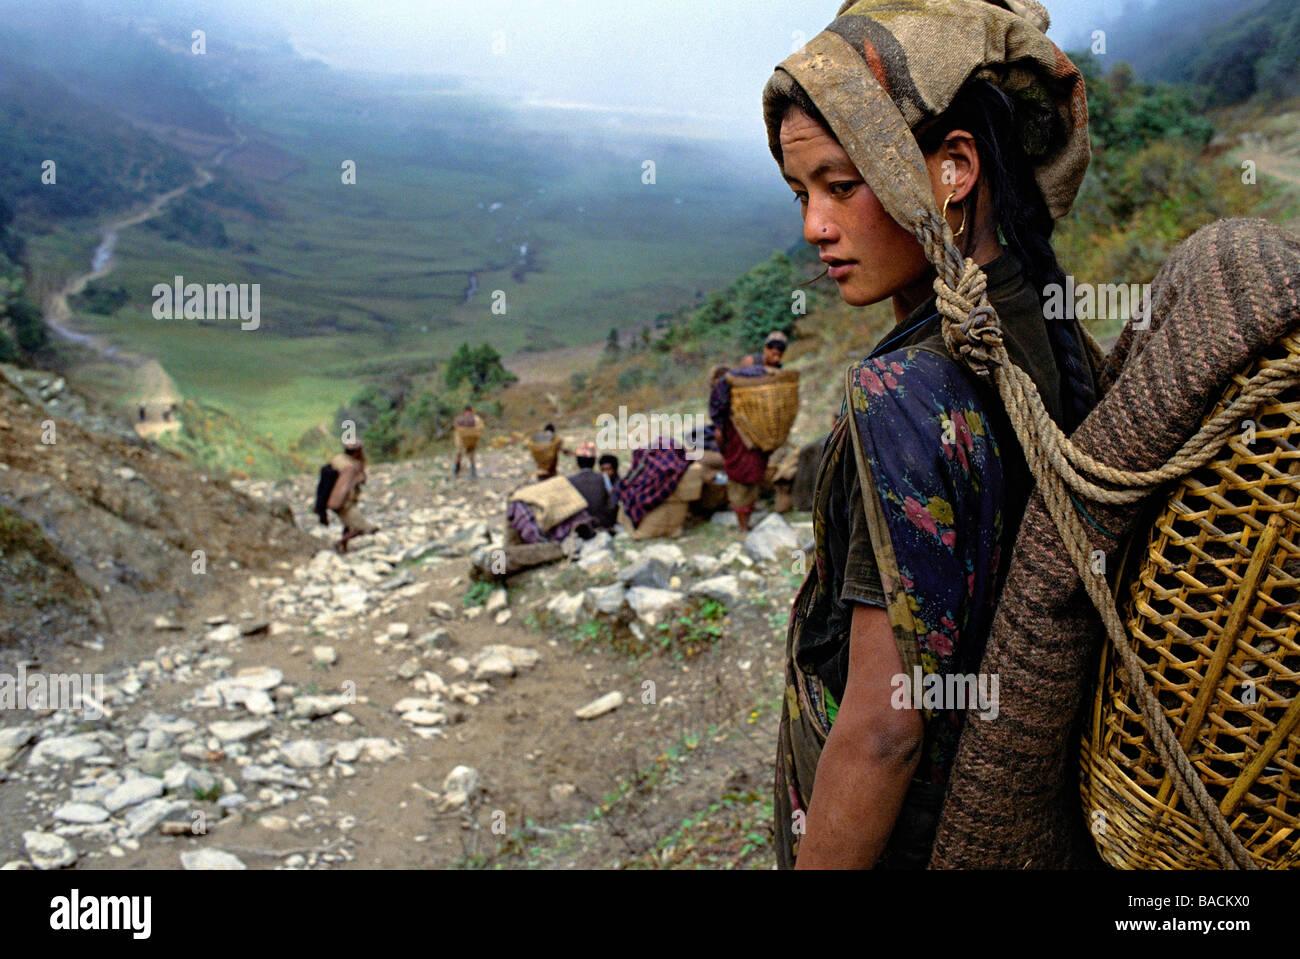 Nepal, cargadores (transportistas o portadores), Himalayans para transportar el engranaje Imagen De Stock